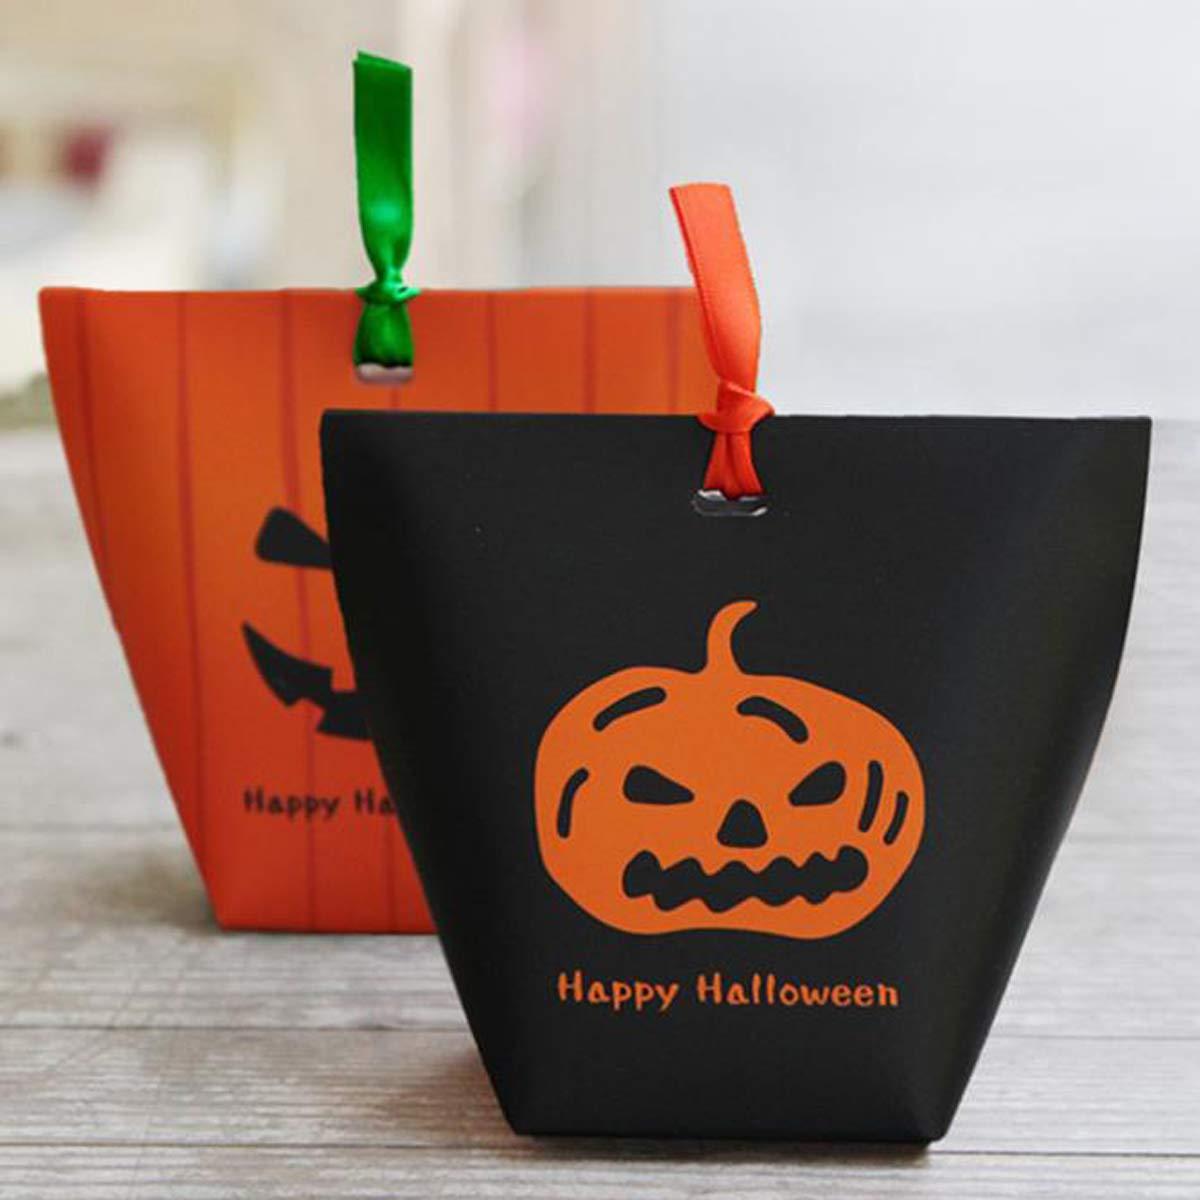 20pcs Bolsa de Caramelos Peque/ño Bolsas Regalo Bolsas de Papel para Fiesta de Cumplea/ños de Pascua de Halloween Zuzer Bolsa de Dulces de Halloween